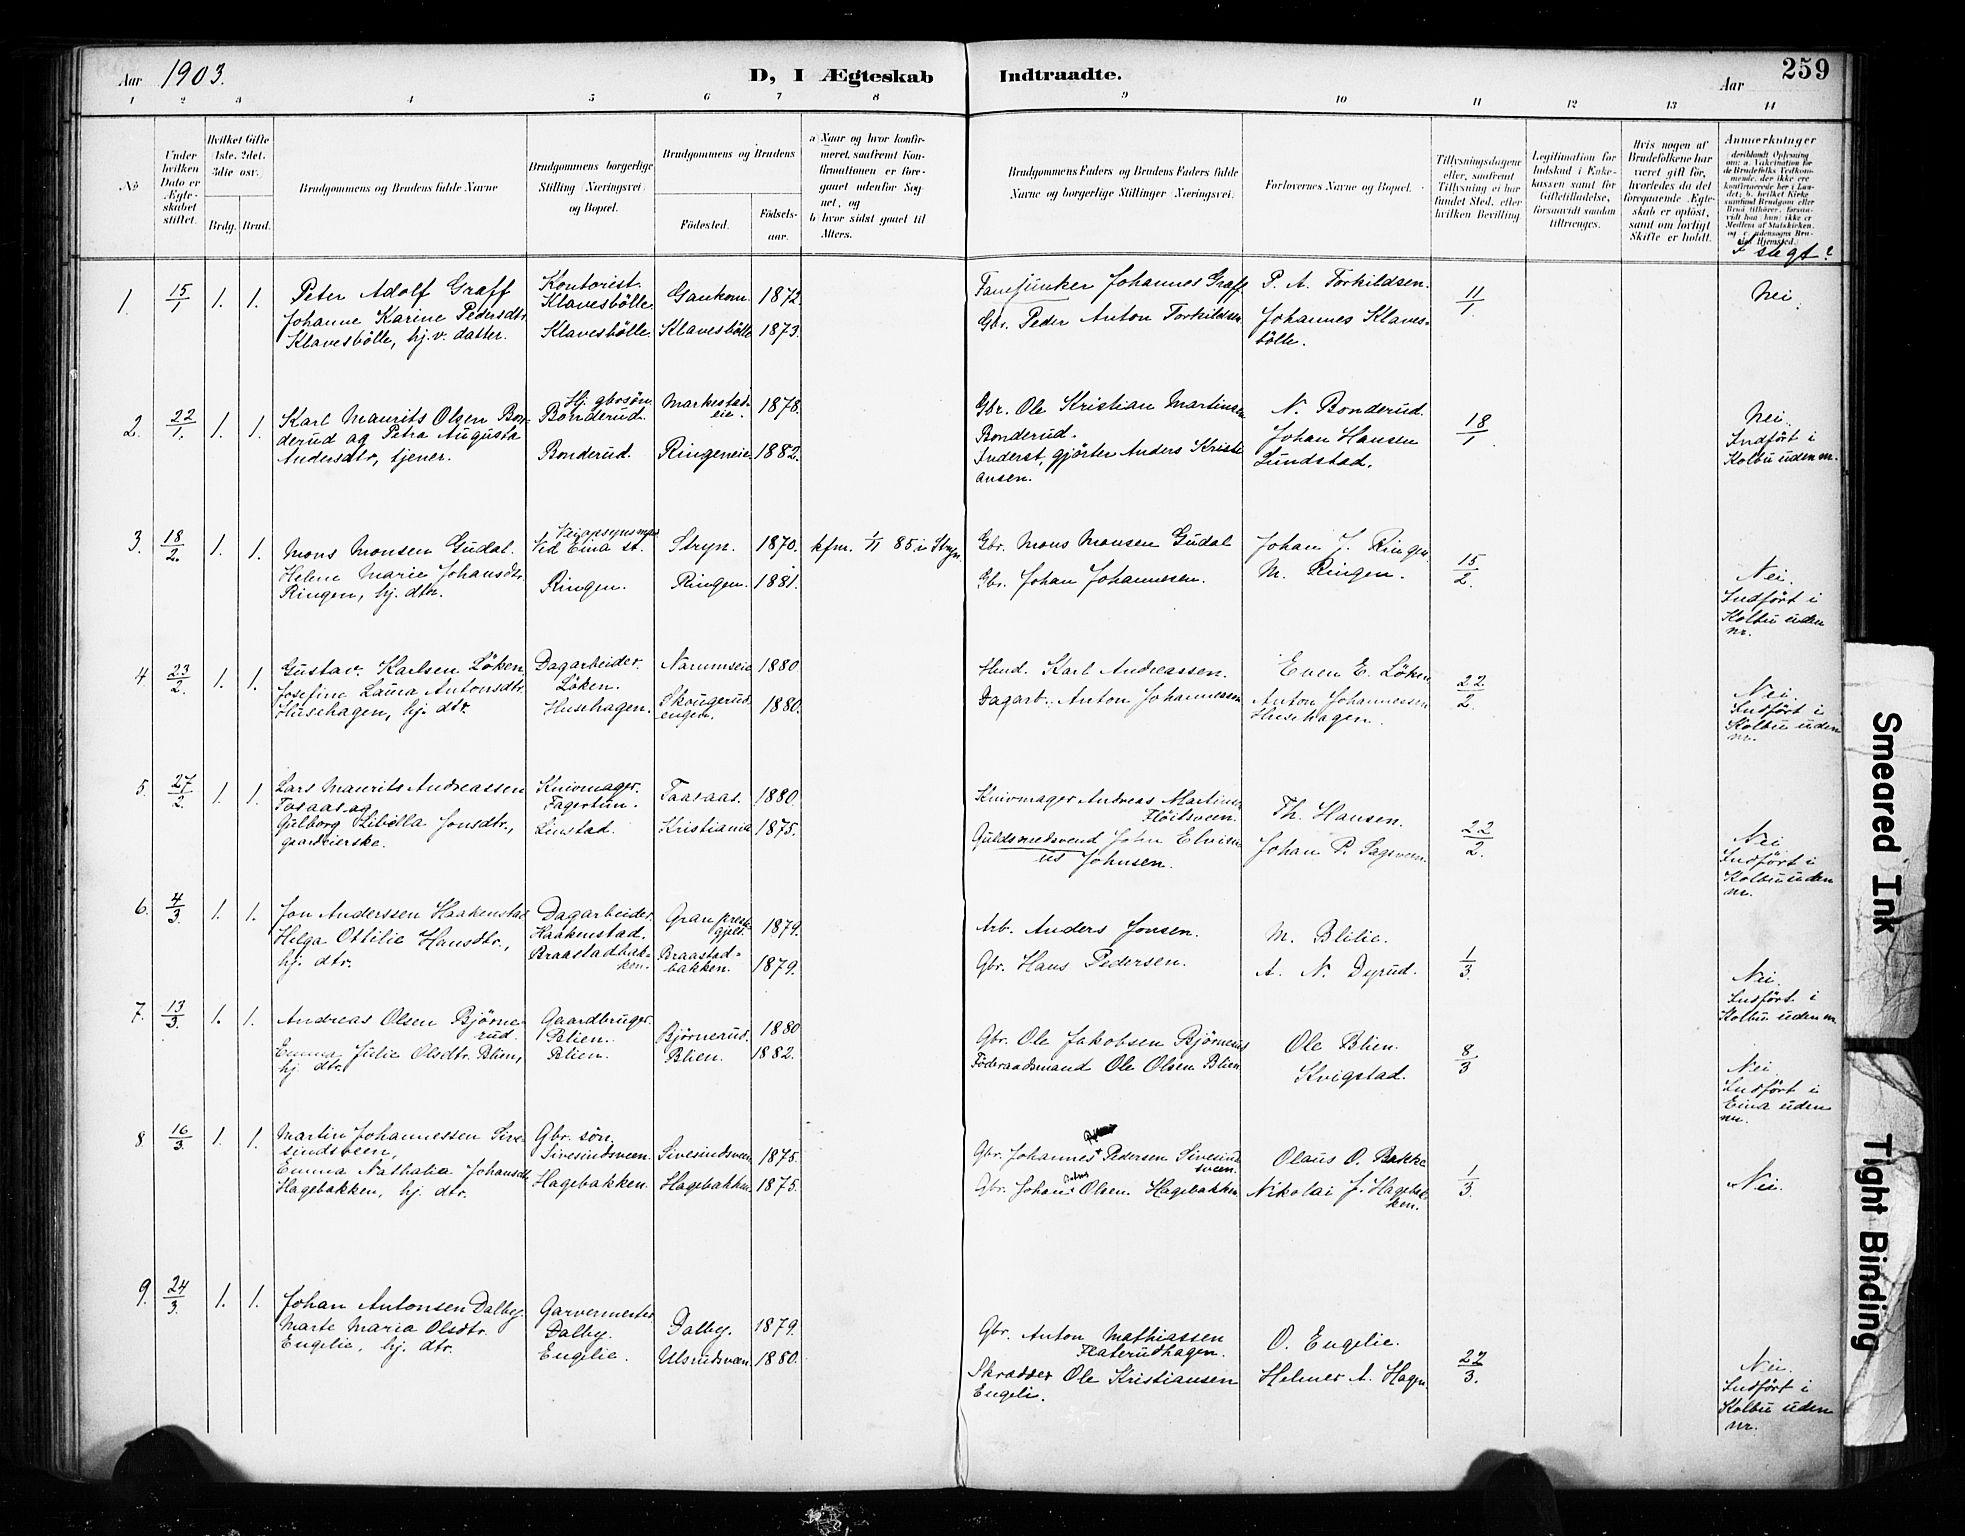 SAH, Vestre Toten prestekontor, Ministerialbok nr. 11, 1895-1906, s. 259